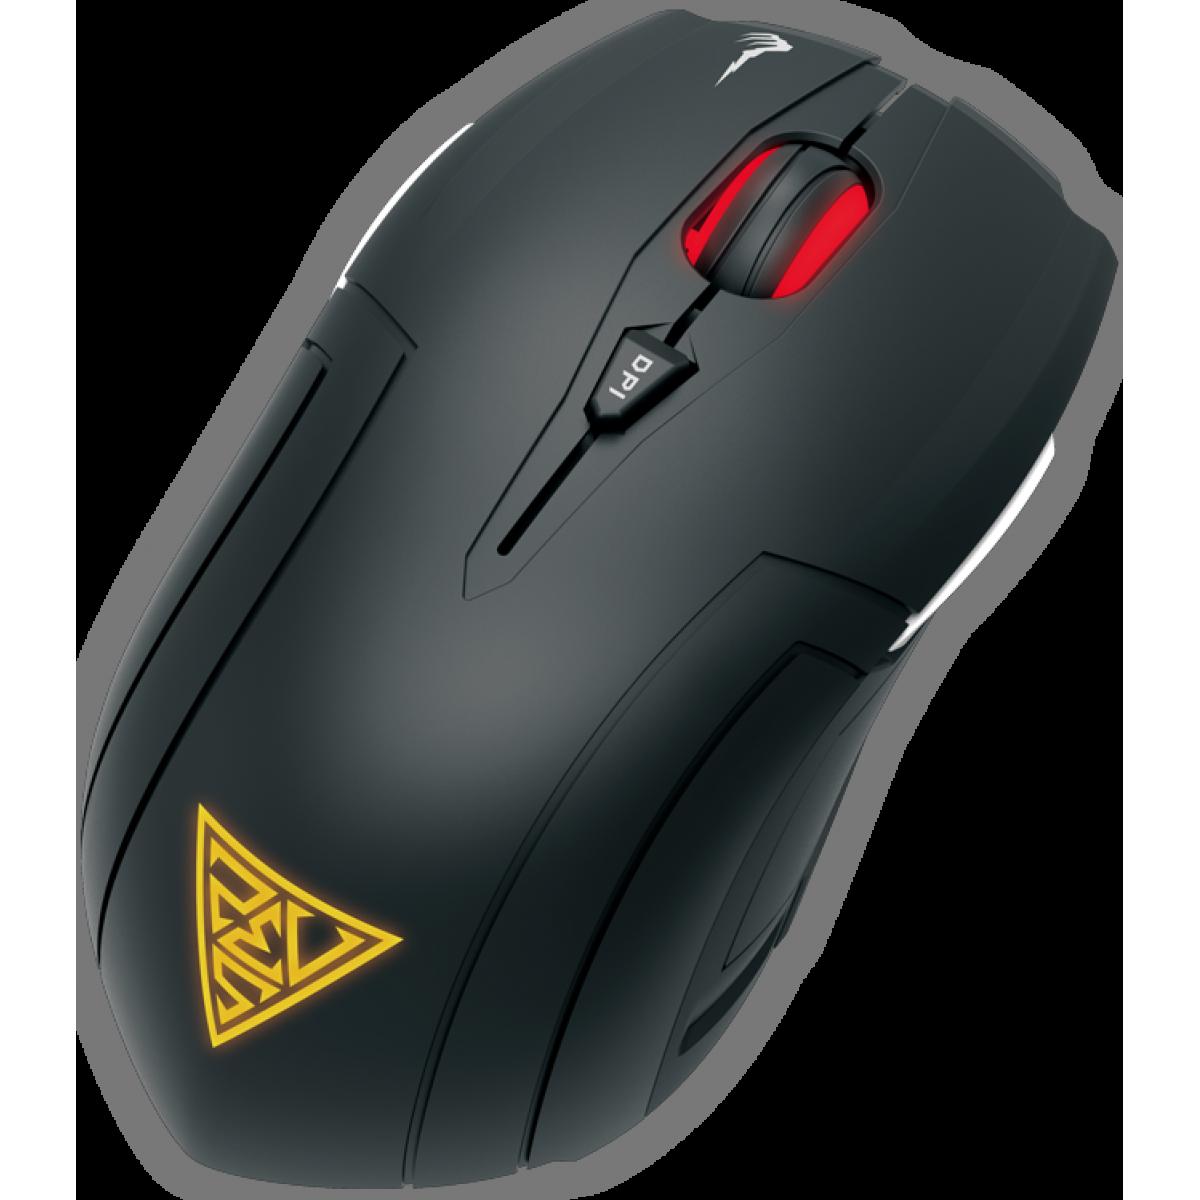 Mouse Gamer Gamdias Demeter E1 6 BOTÕES 3200 DPI Óptico + Mouse Pad NYX E1